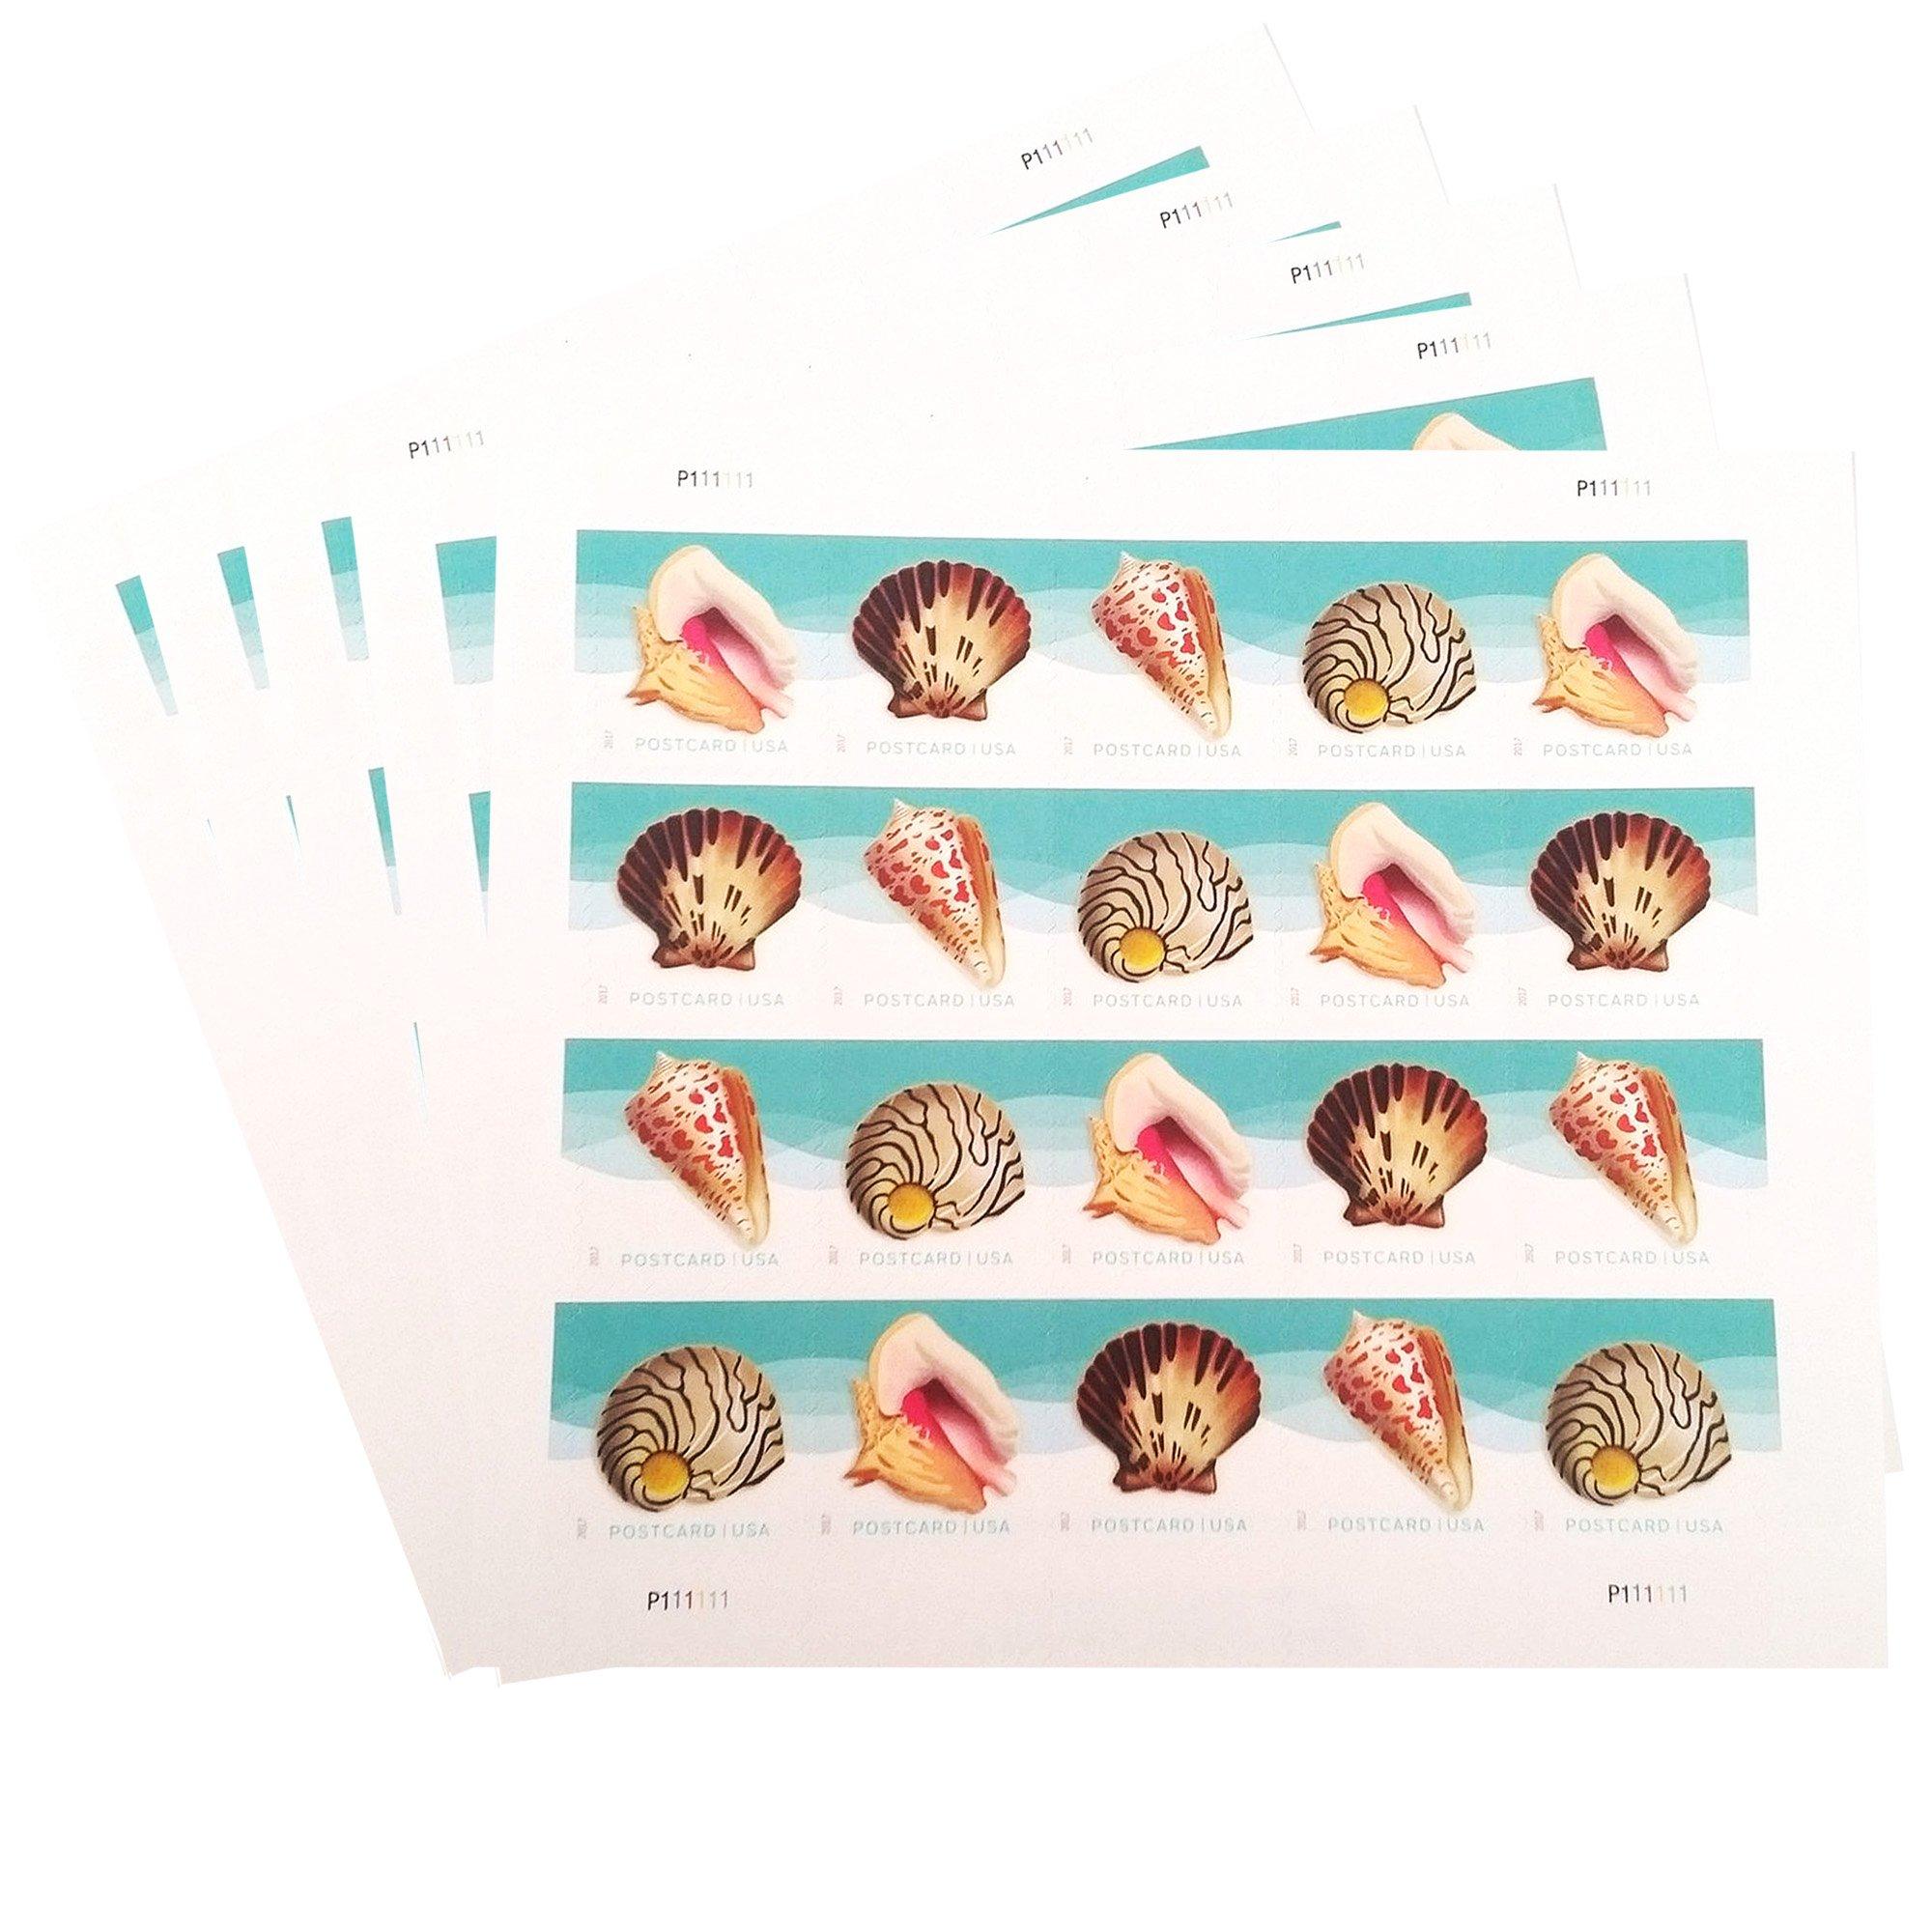 Seashells Postcard Stamp USPS Forever Stamps, Sheet of 20 - US Postage Card Stamps (5 Sheets of 20 Stamps)